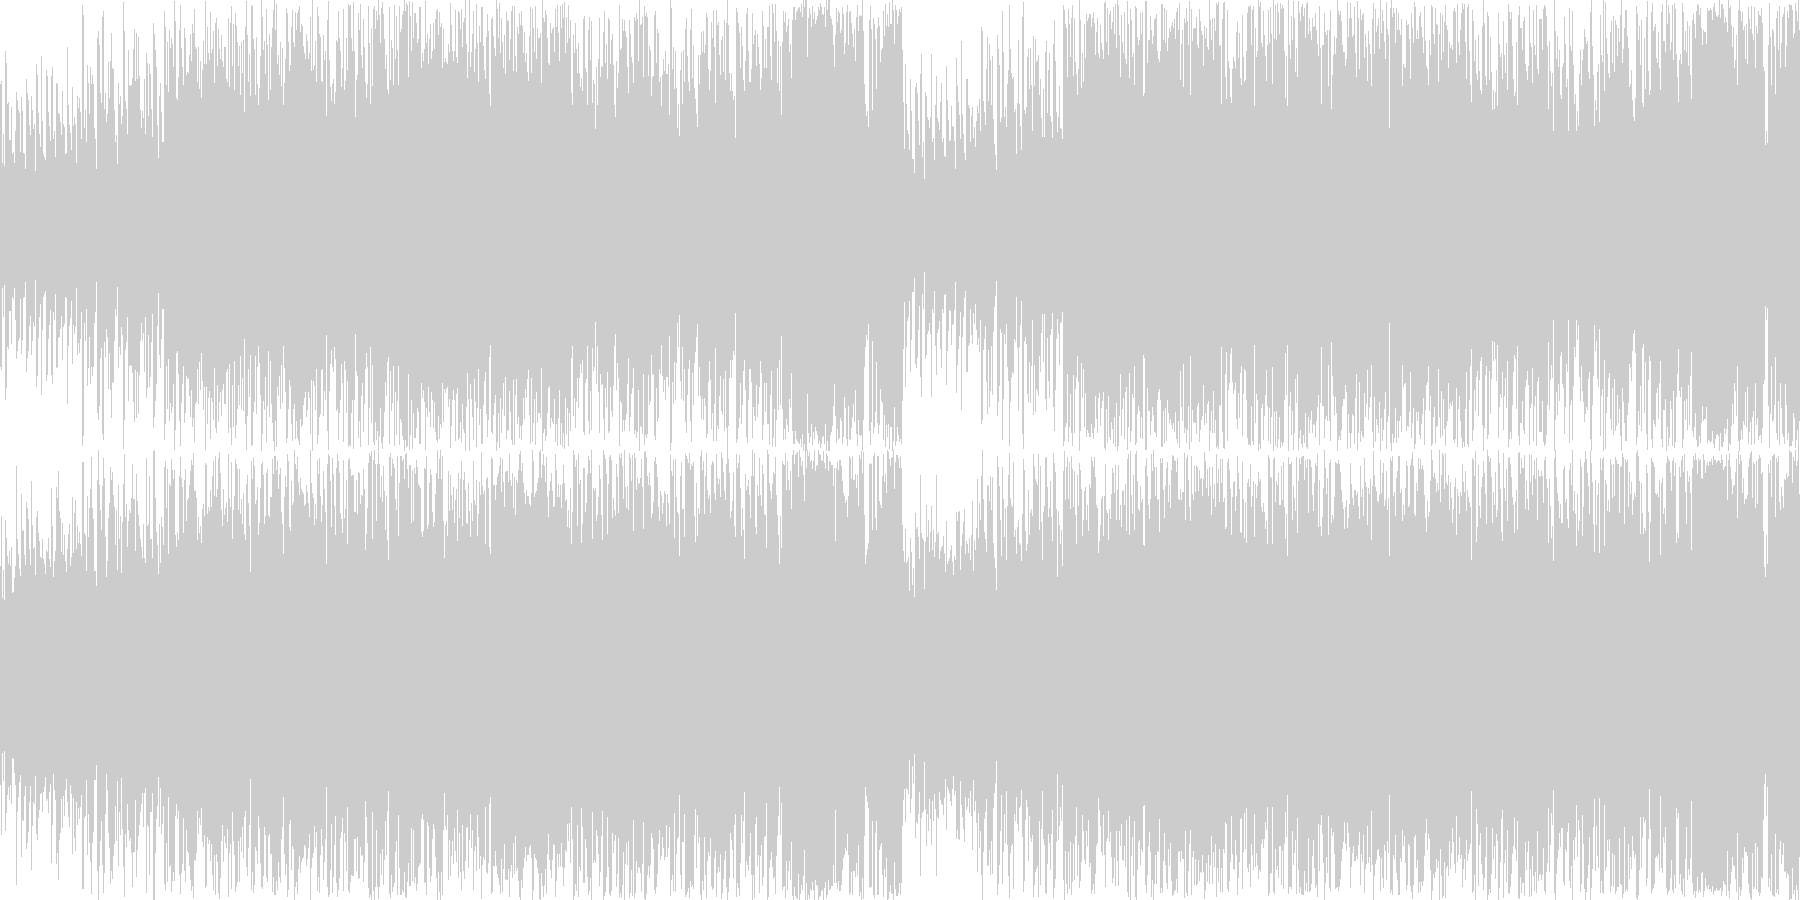 中華的な雰囲気のあるエレクトロ曲の未再生の波形